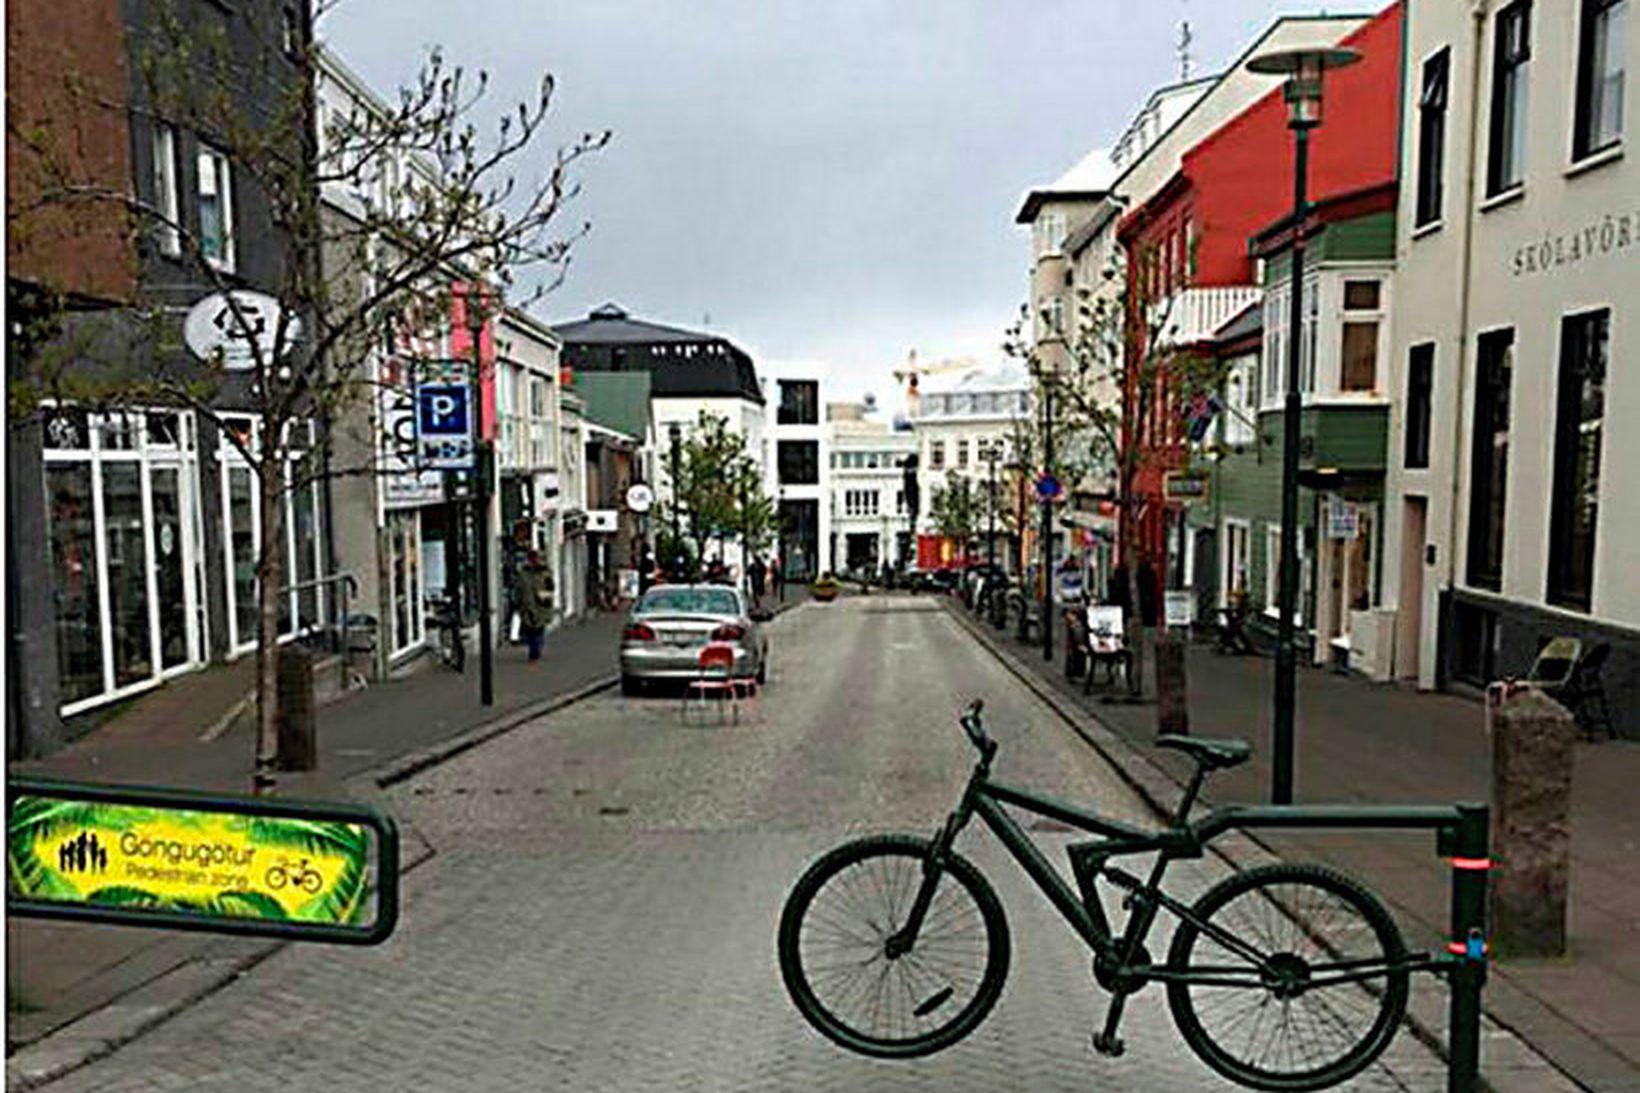 Skólavörðustígur. Lokuð gatan var nær tóm um miðjan virkan dag …